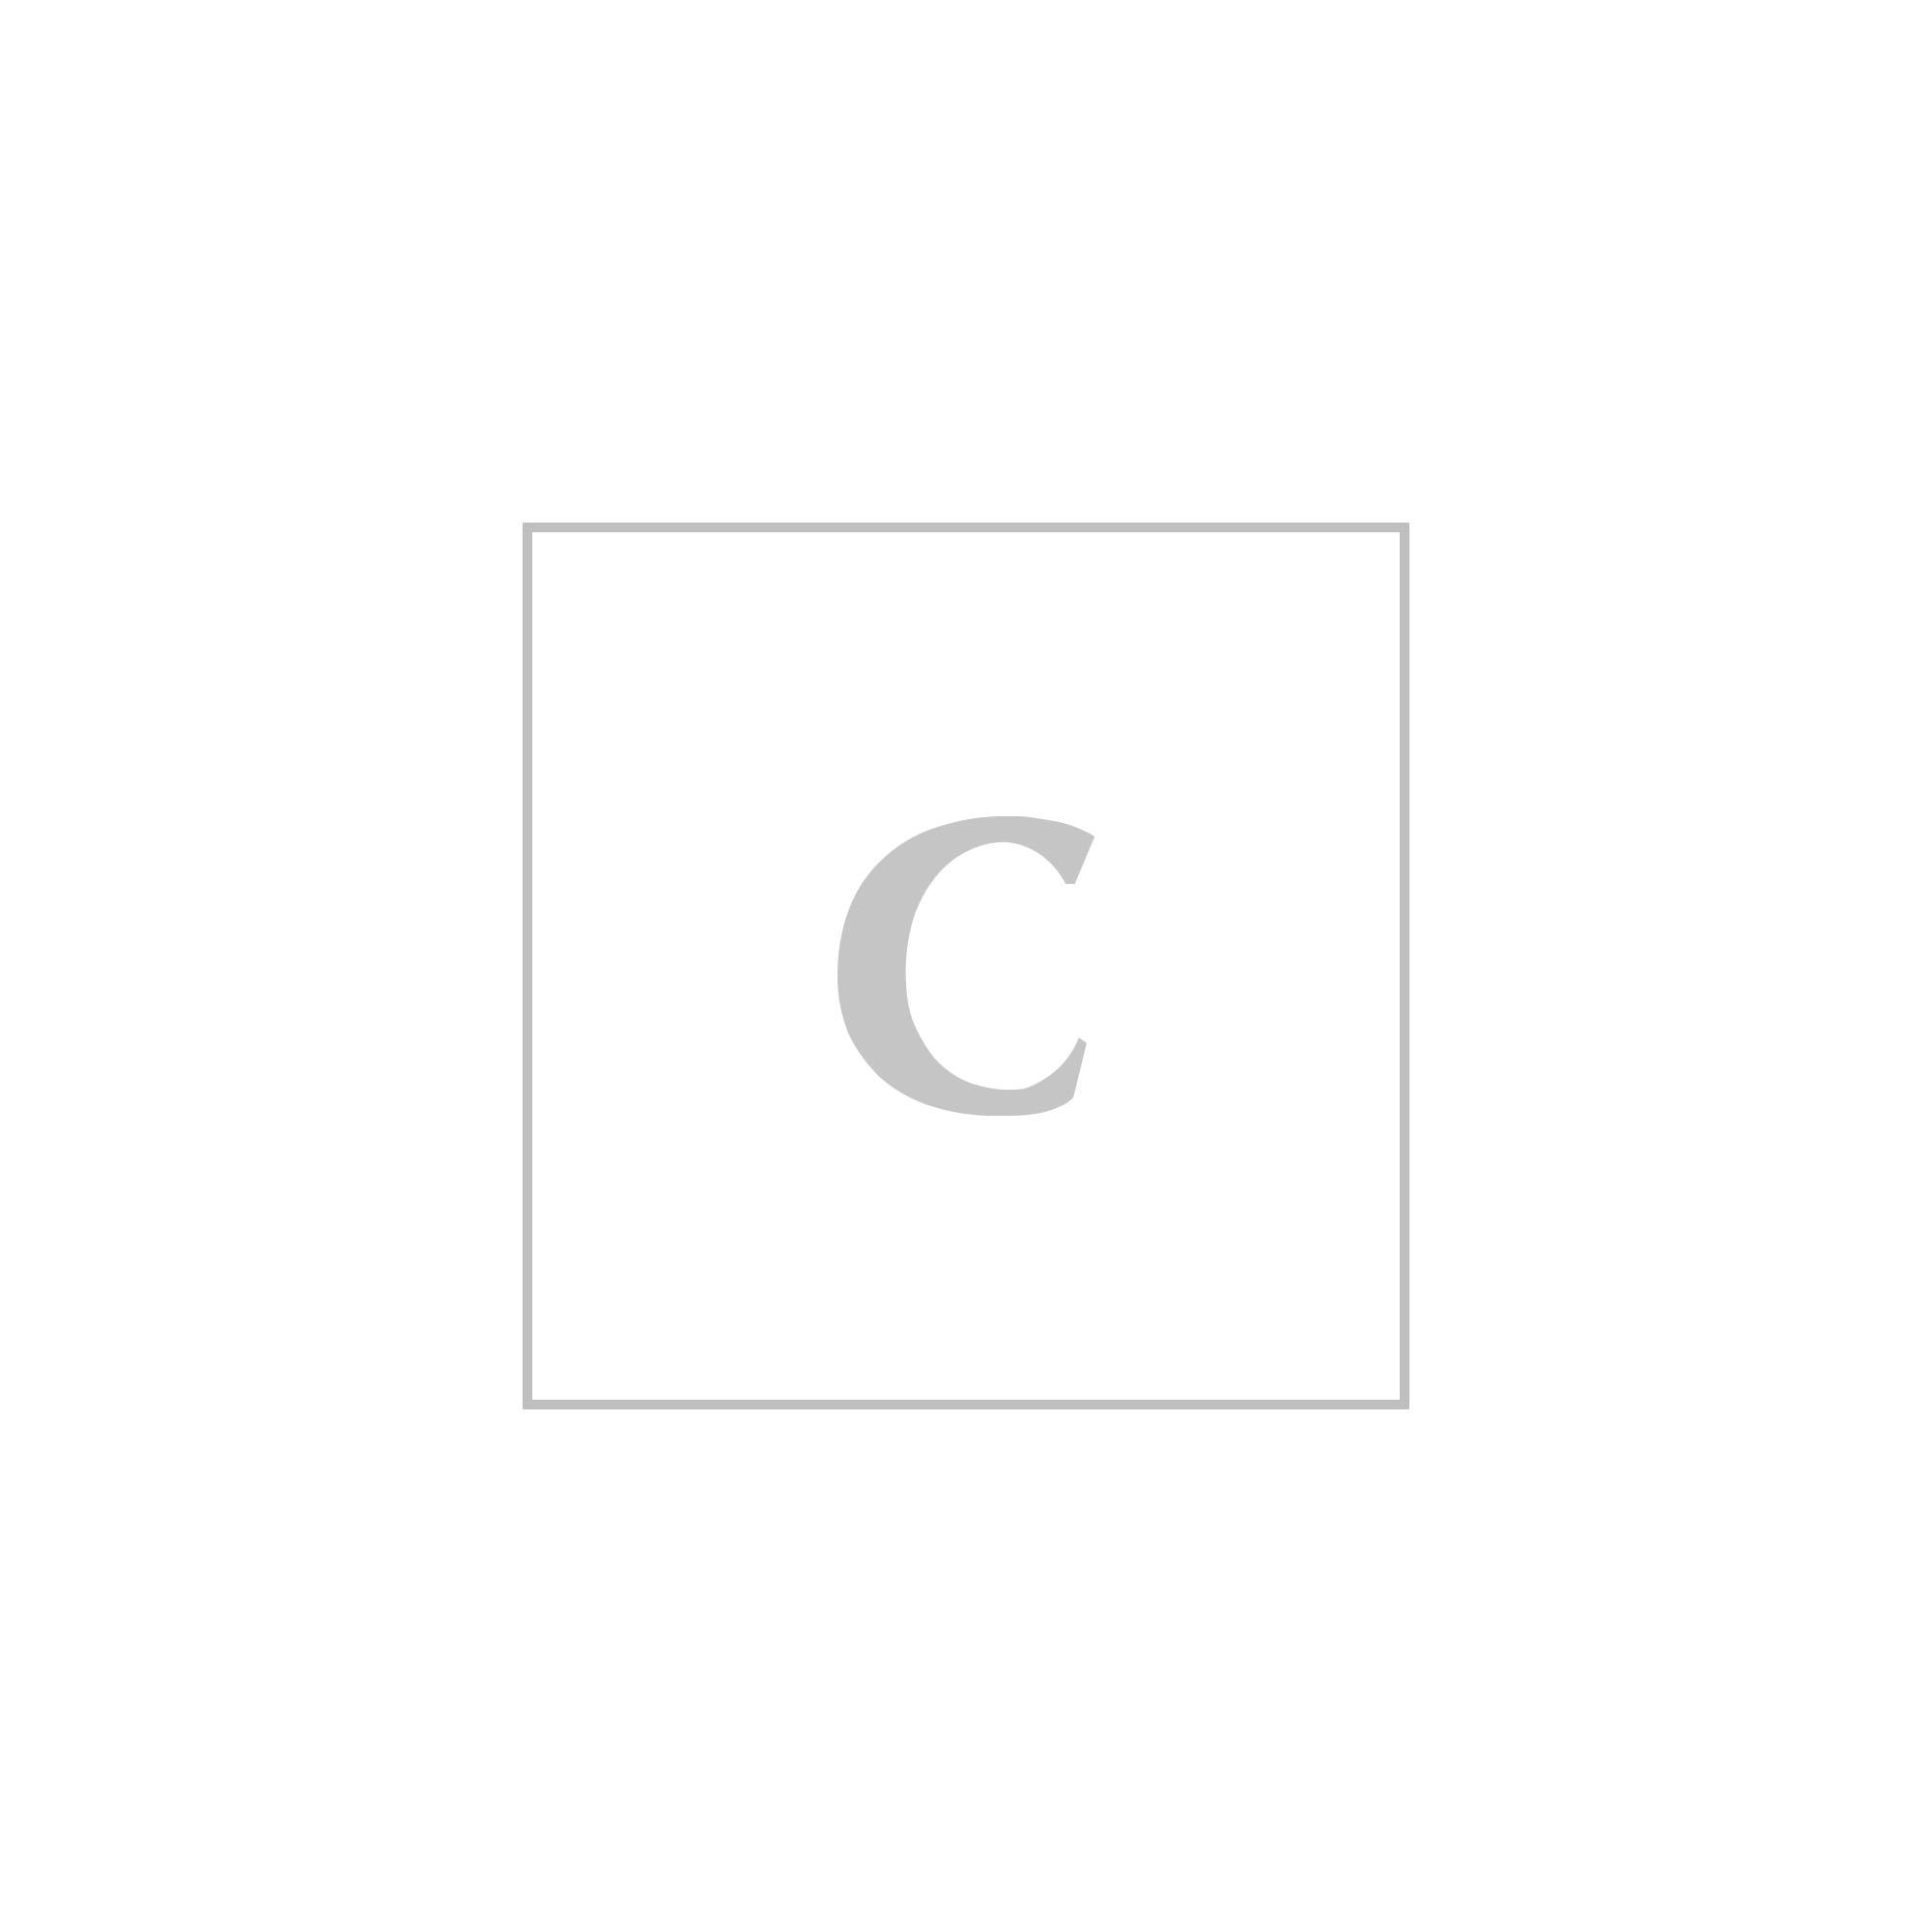 Dolce & gabbana zaino denim ionio